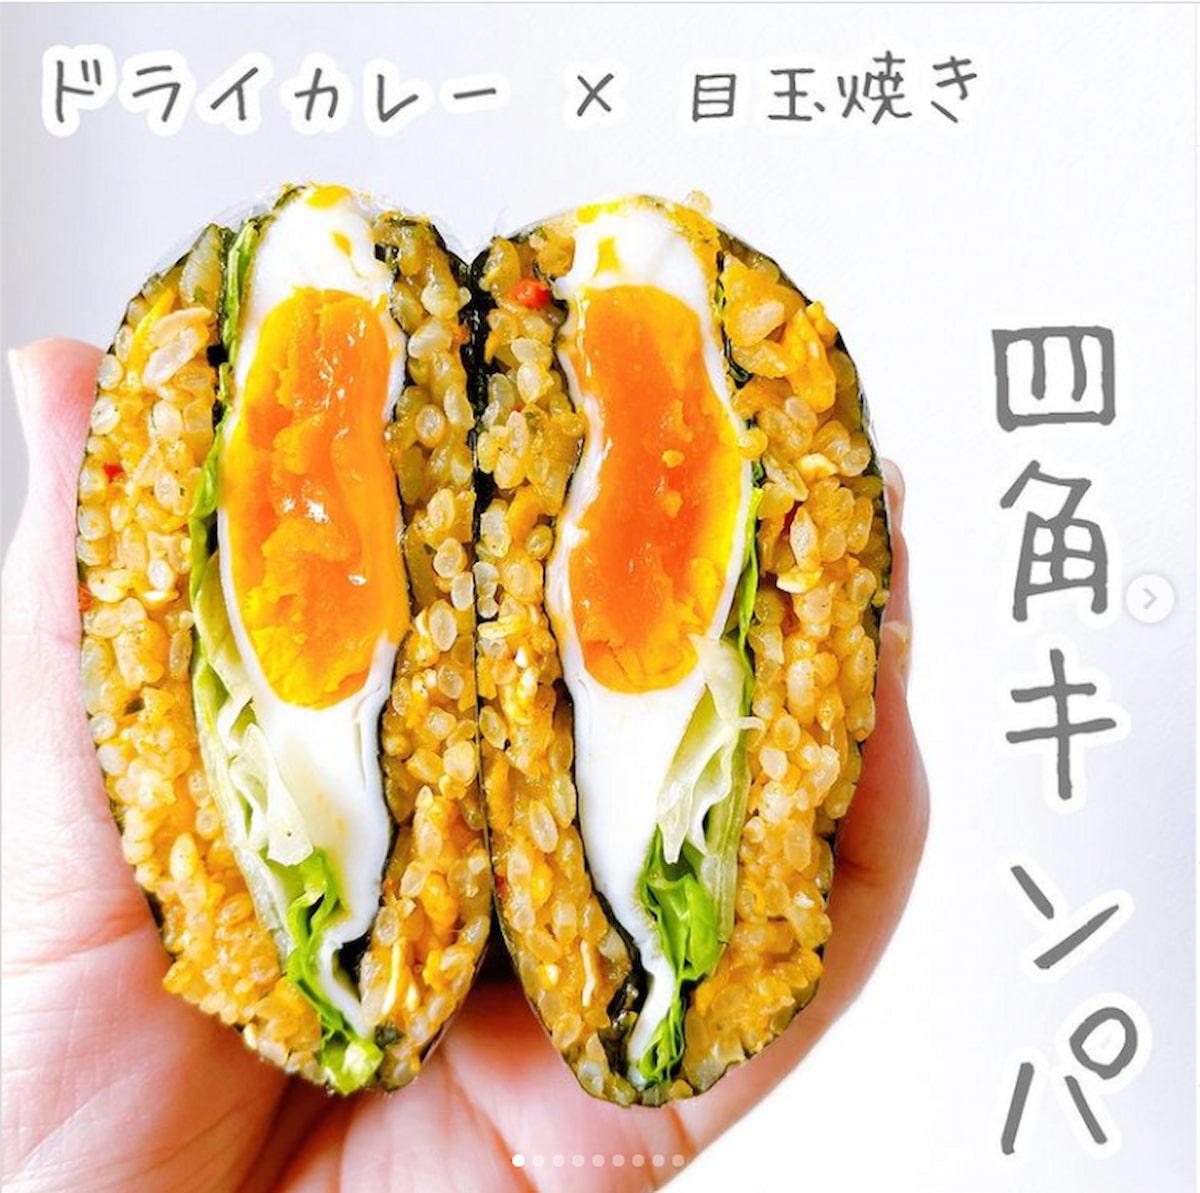 アイデア無限大!「#四角キンパ」は片手で食べるオールインごはん♪